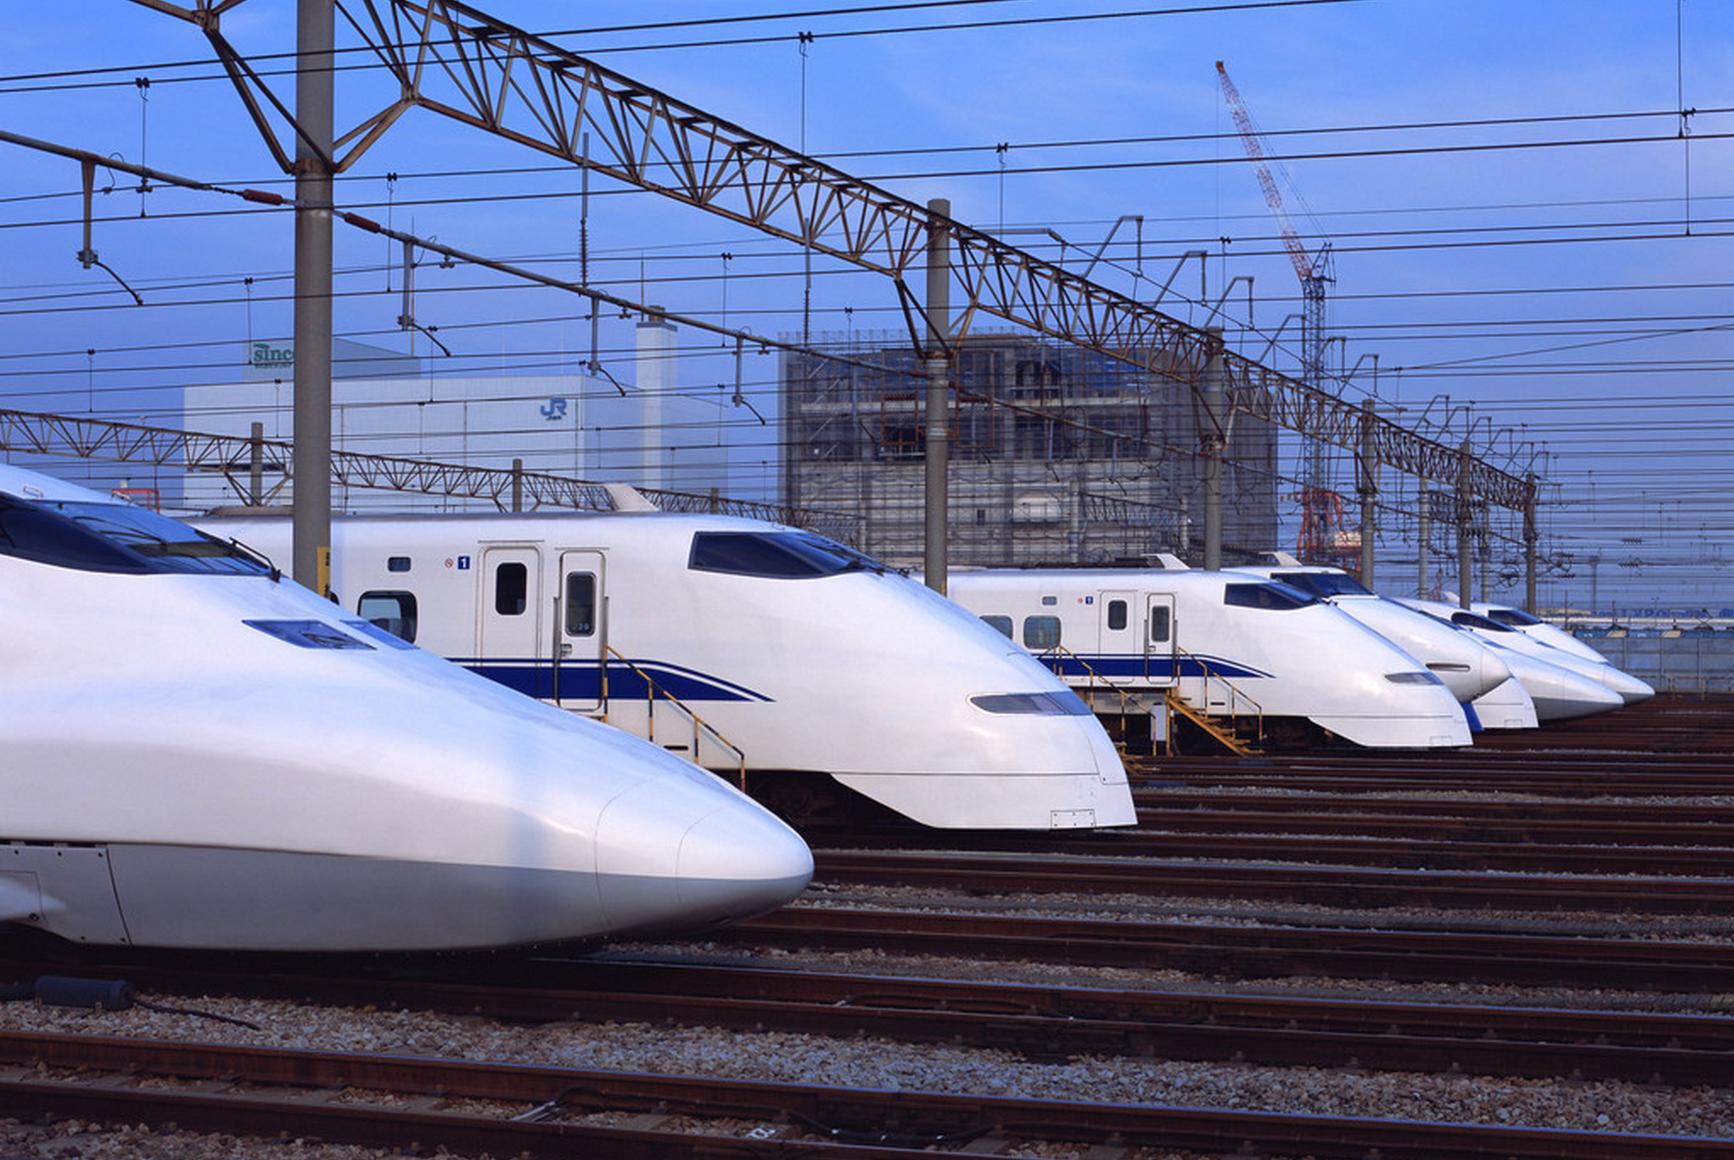 7月增多趟高铁 国内游将更便捷 - 出行 - 民生网